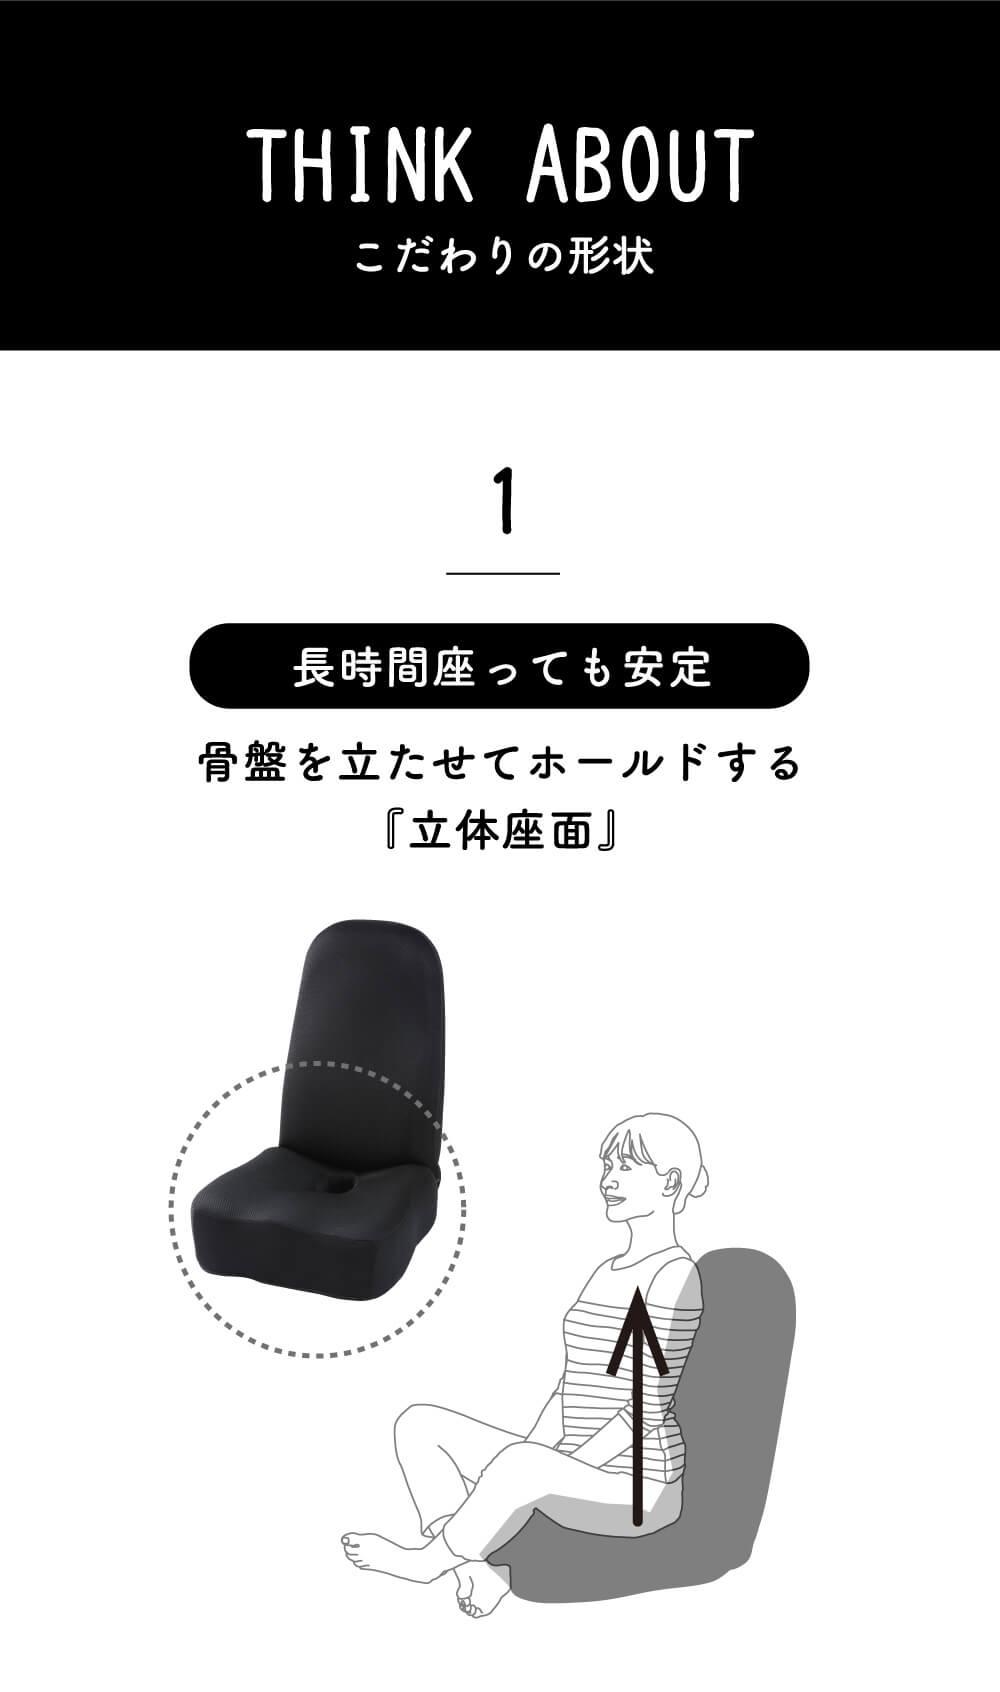 こだわりの形状 長時間座っても安定